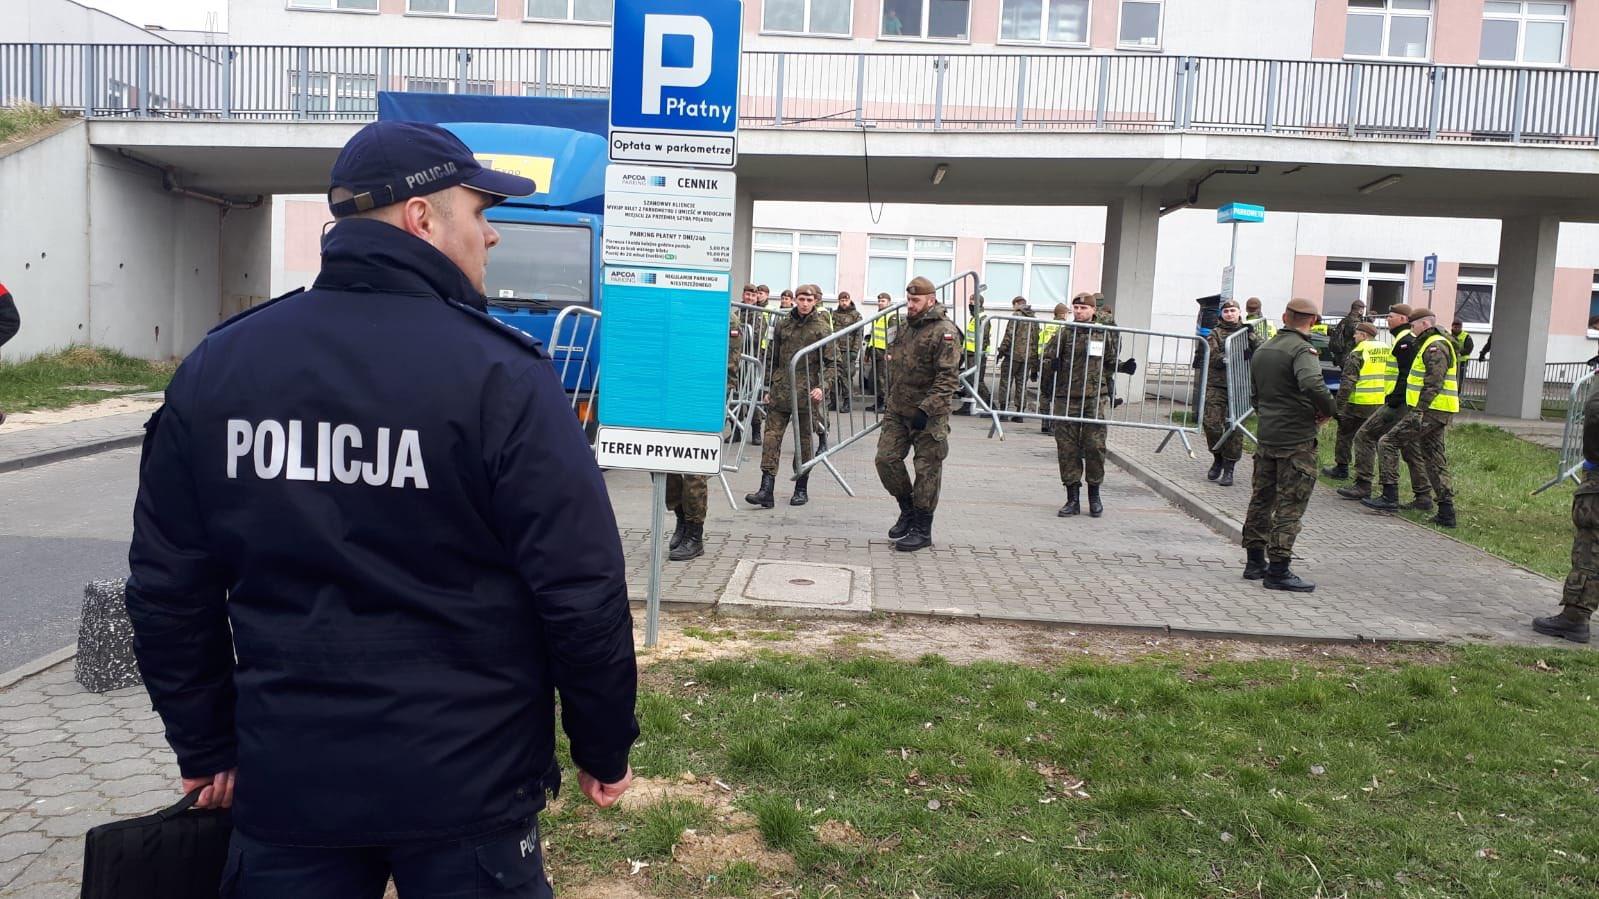 strefa zero szpital zakaźny strusia  - Wielkopolska Policja